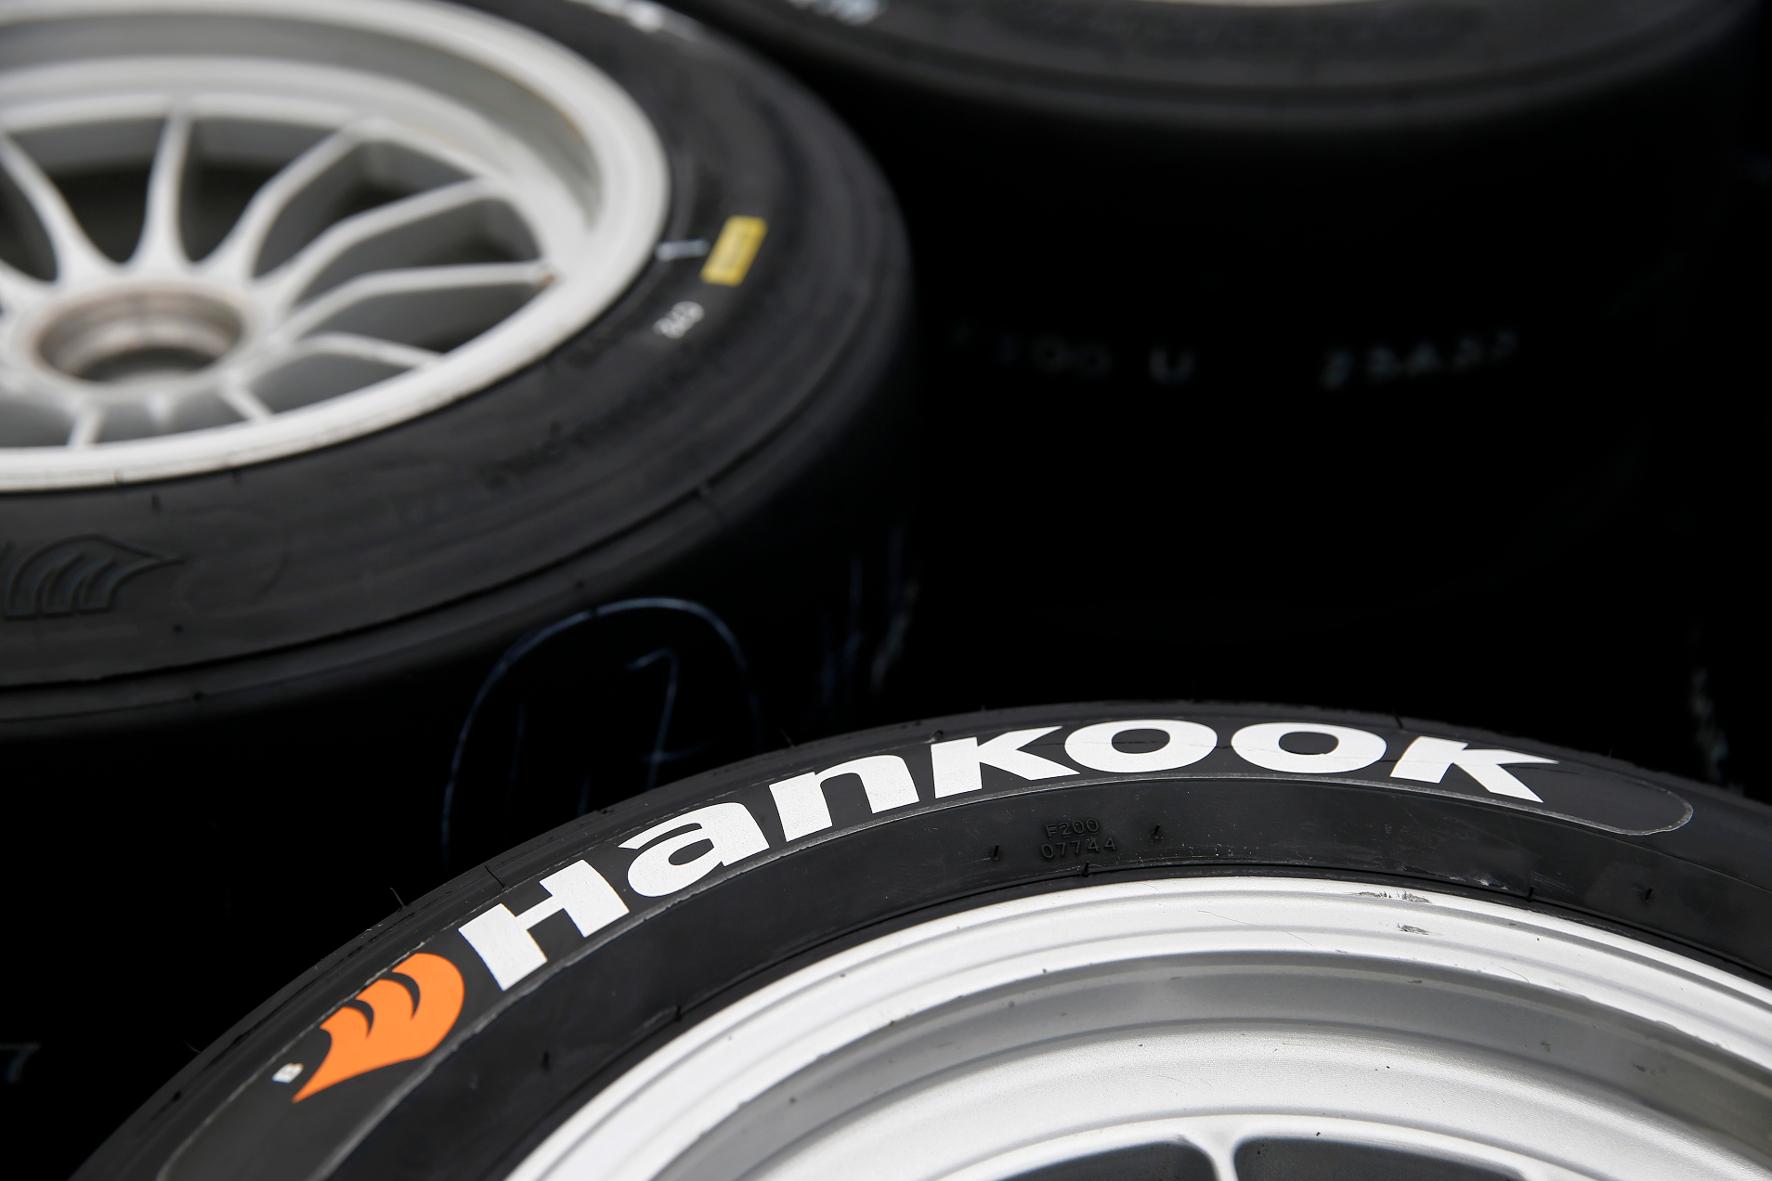 mid Groß-Gerau - Reifenhersteller Hankook ist ab 2019 Partner von Renault Sport Racing für den